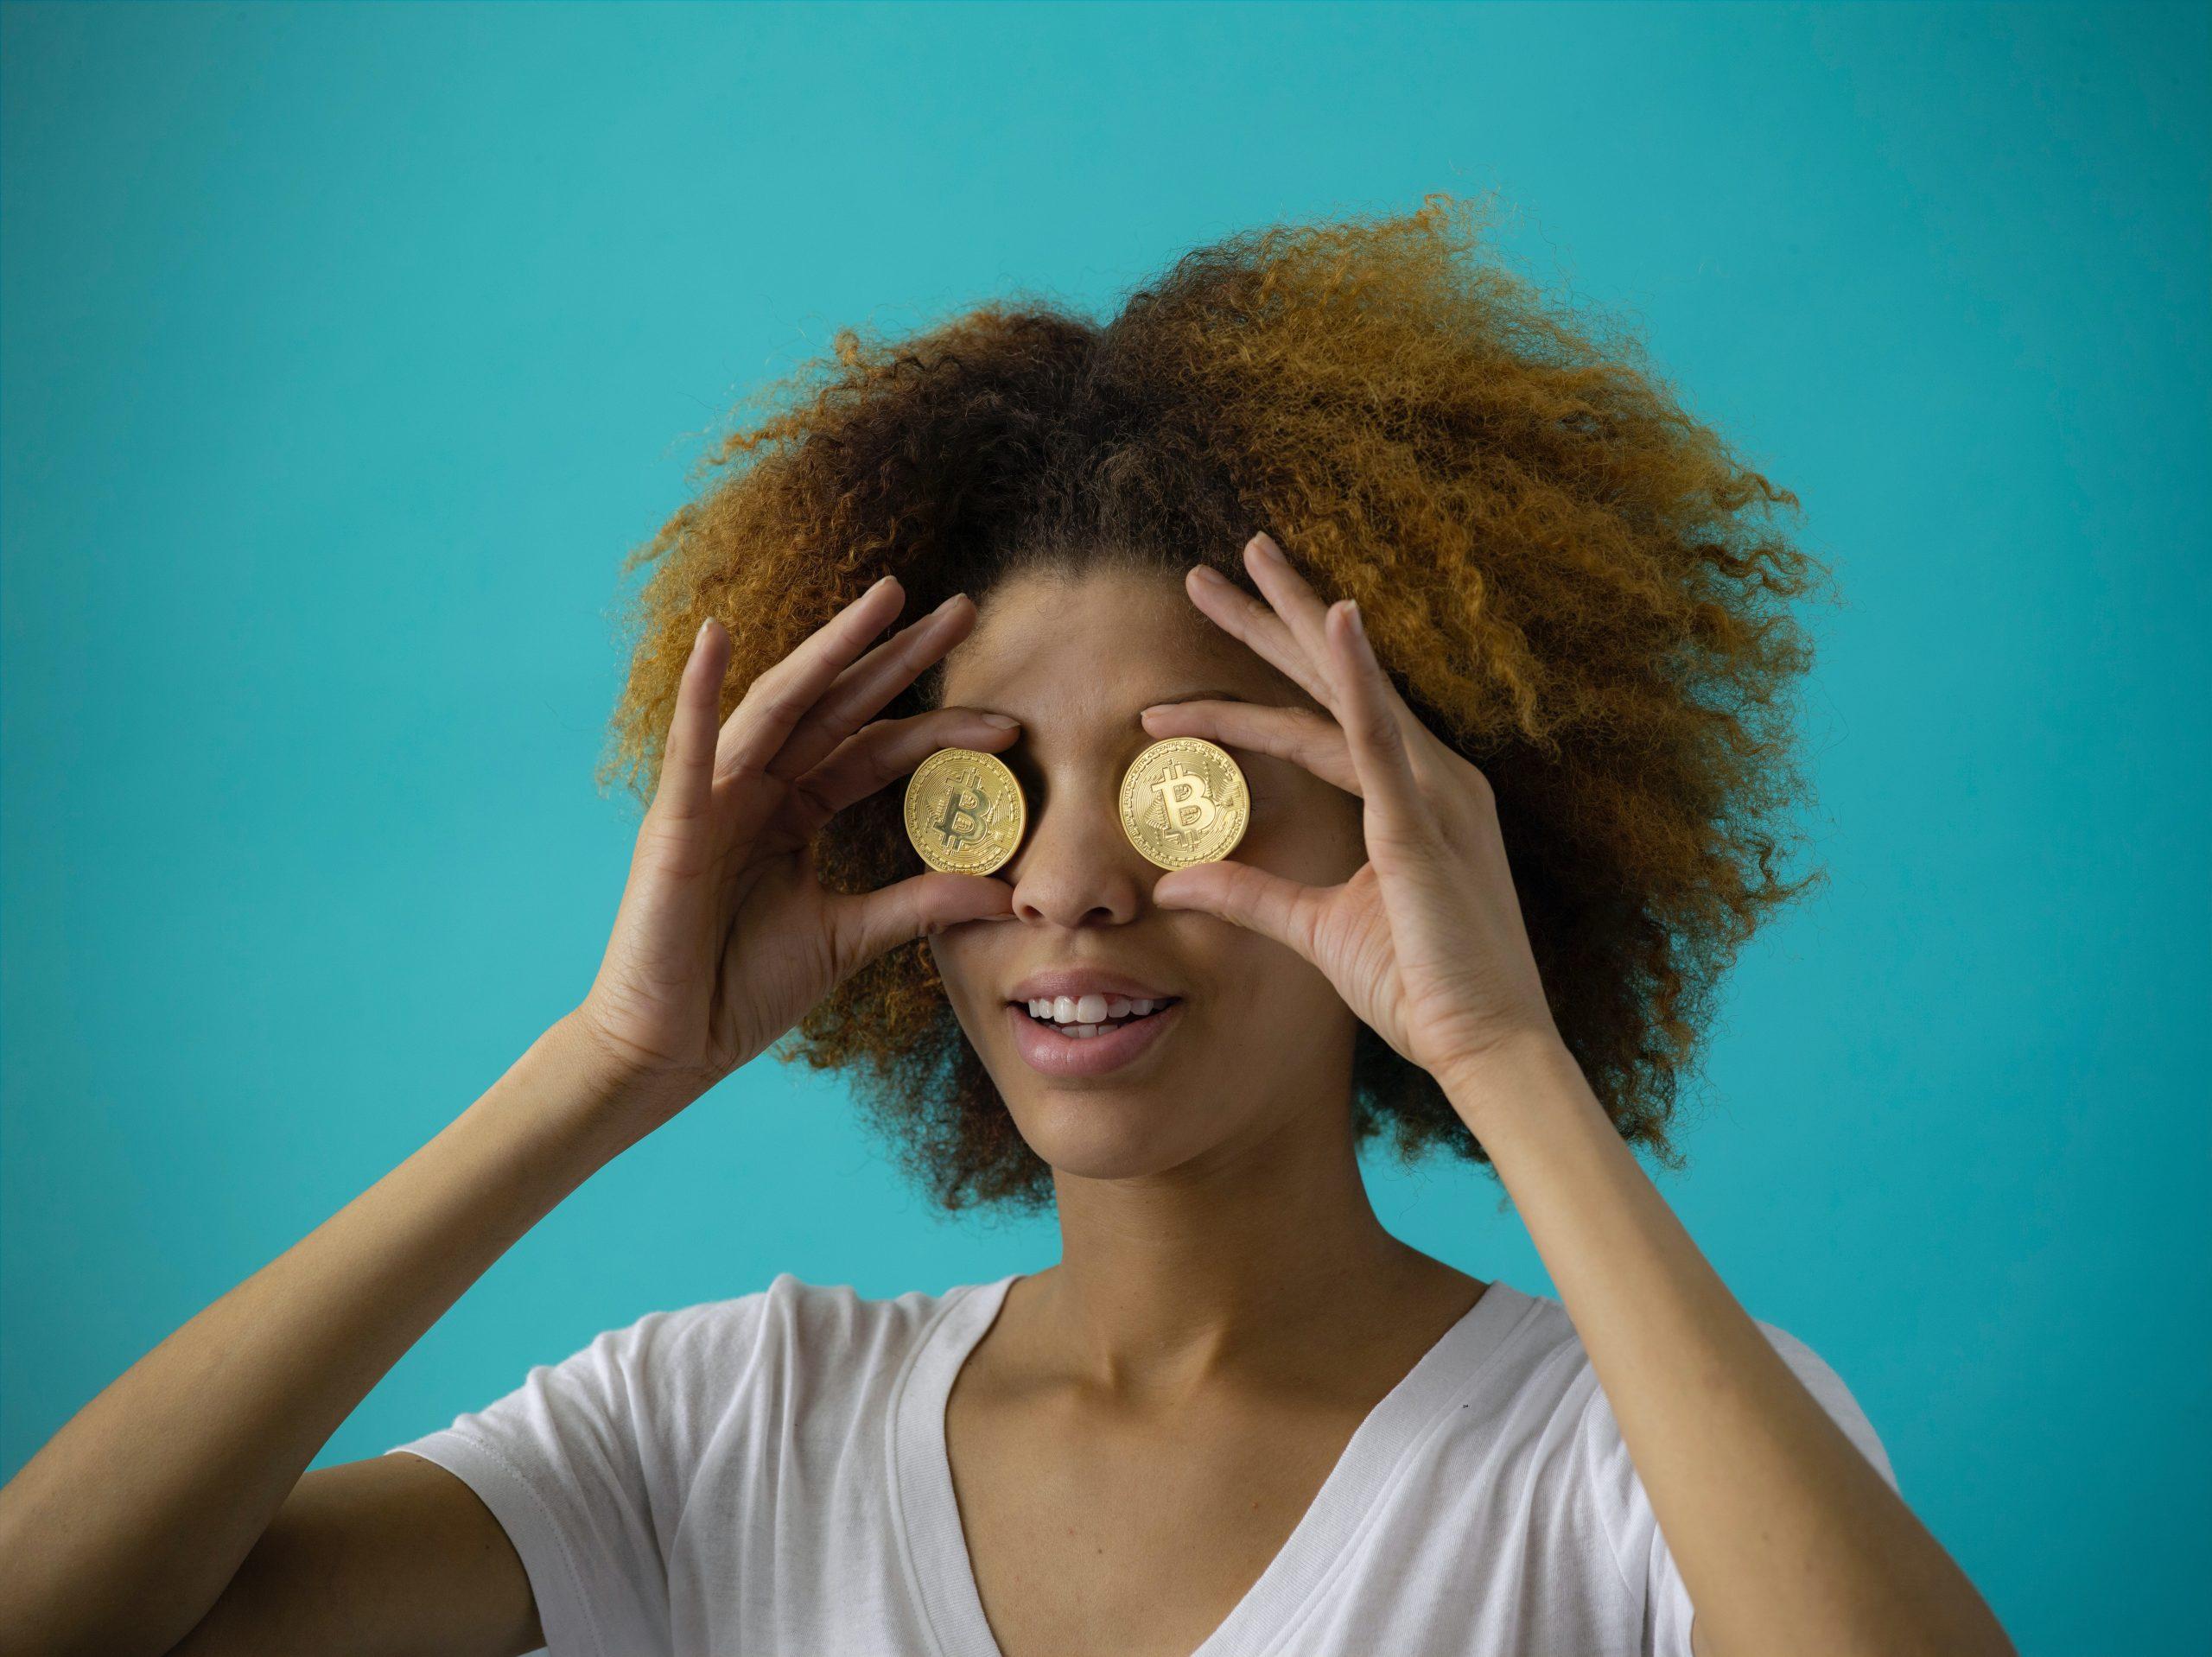 Bitcoin hält sich stabil über USD 30K, Ethereum und Altcoins gewinnen an Zugkraft